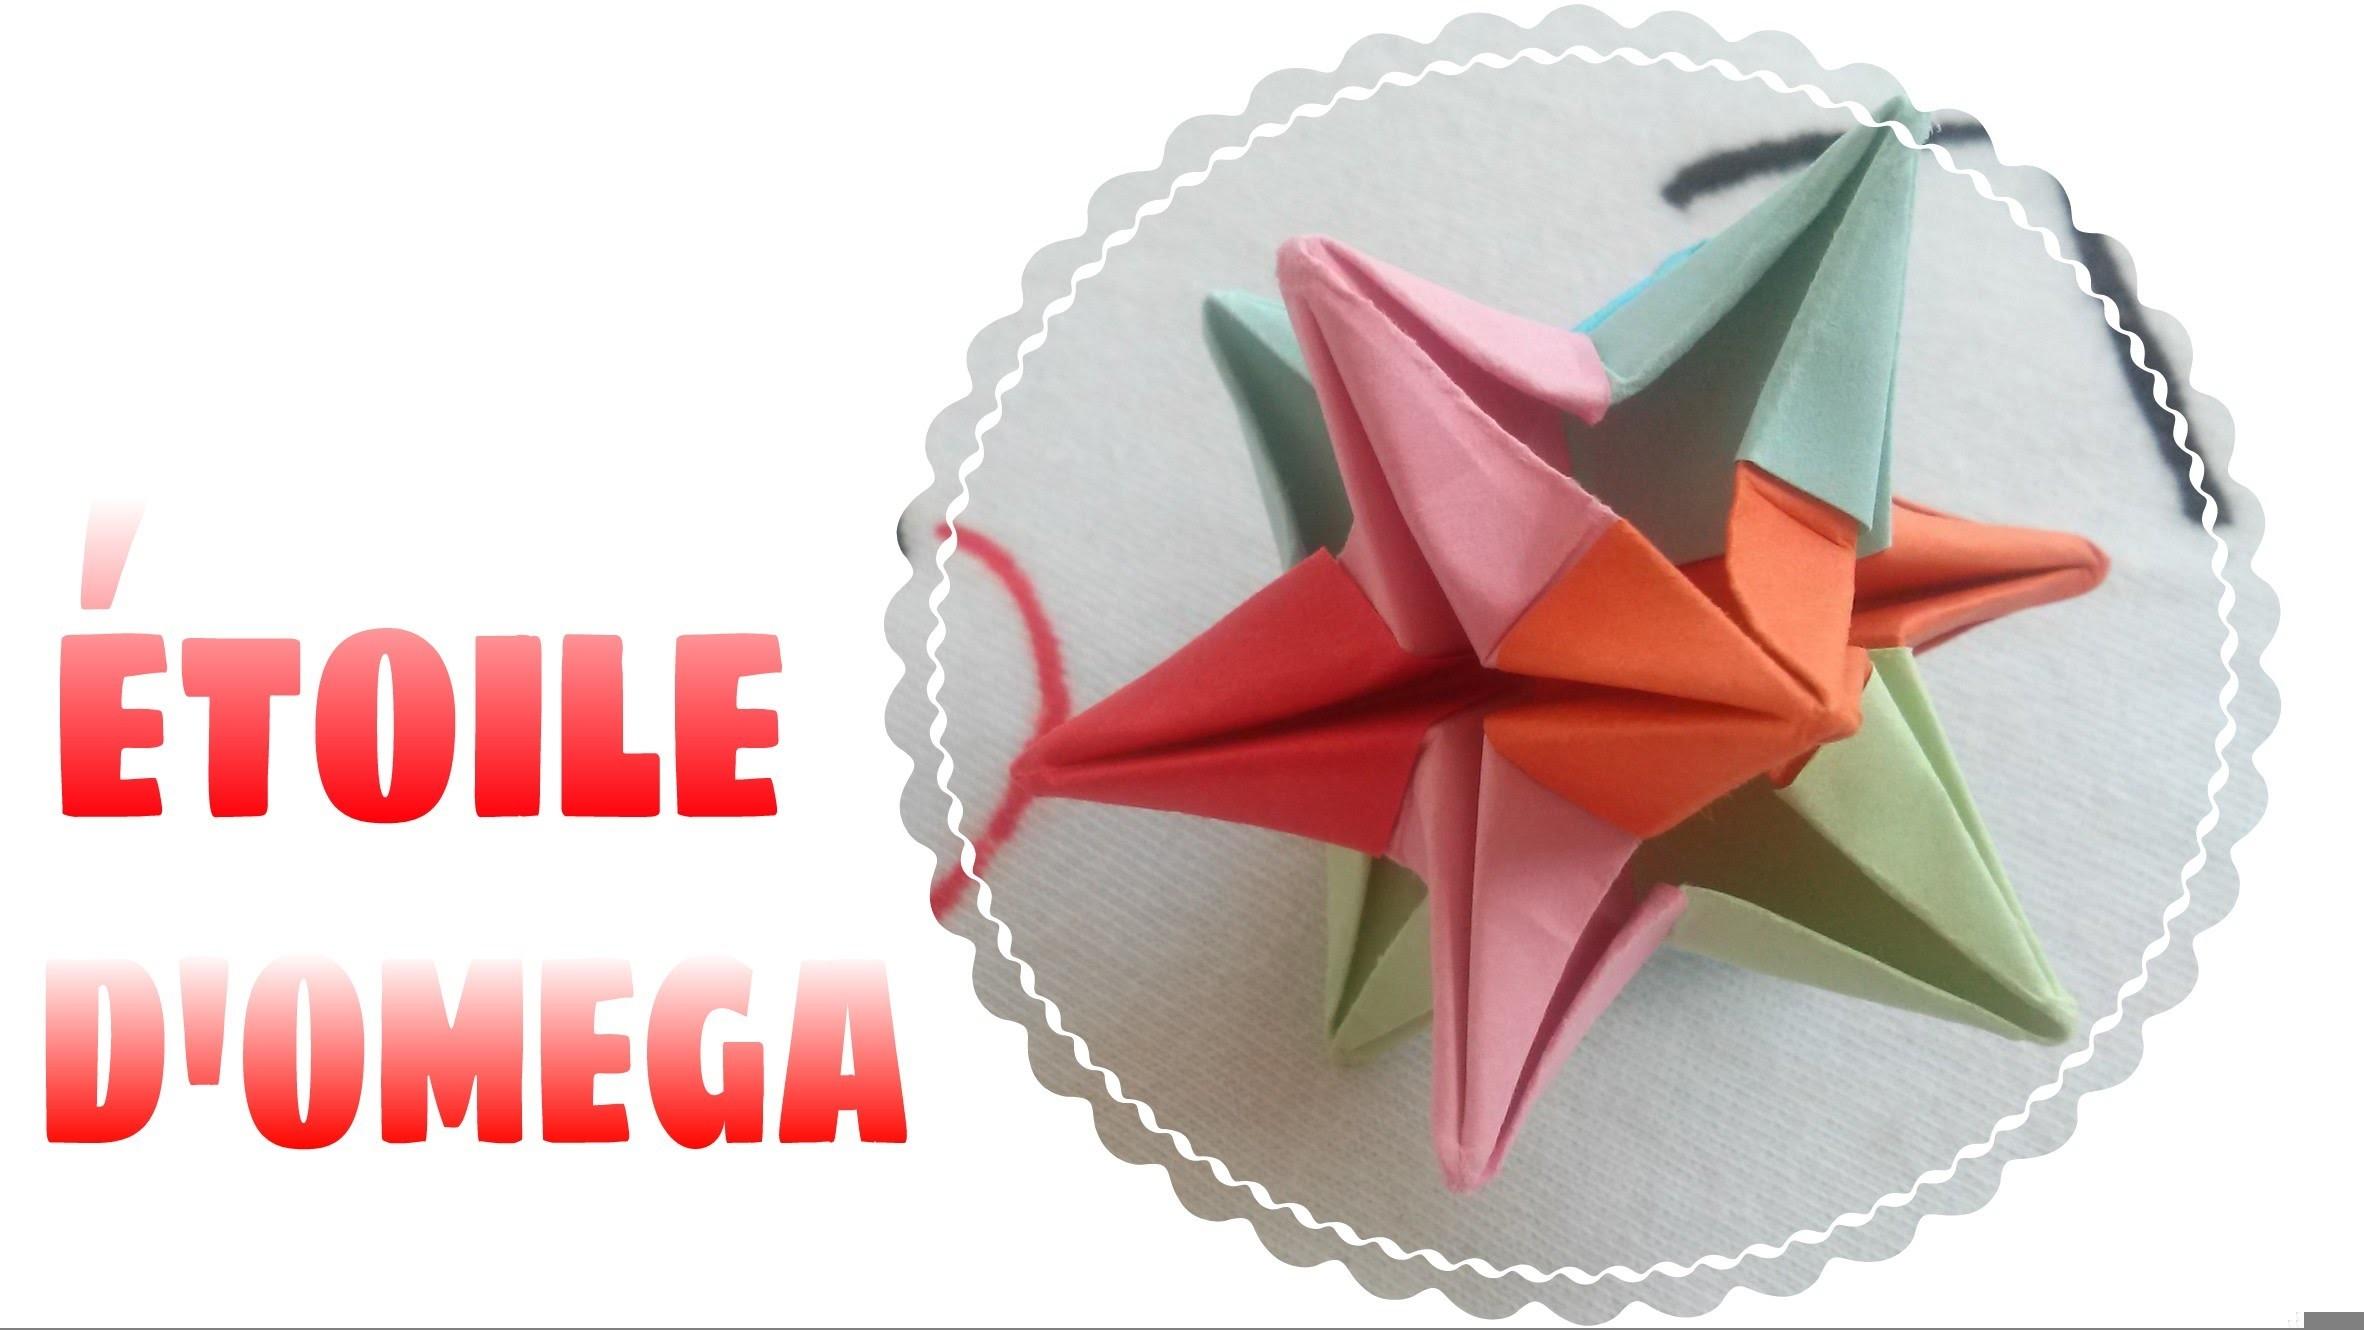 origami d coration comment faire une toile domega en papier. Black Bedroom Furniture Sets. Home Design Ideas